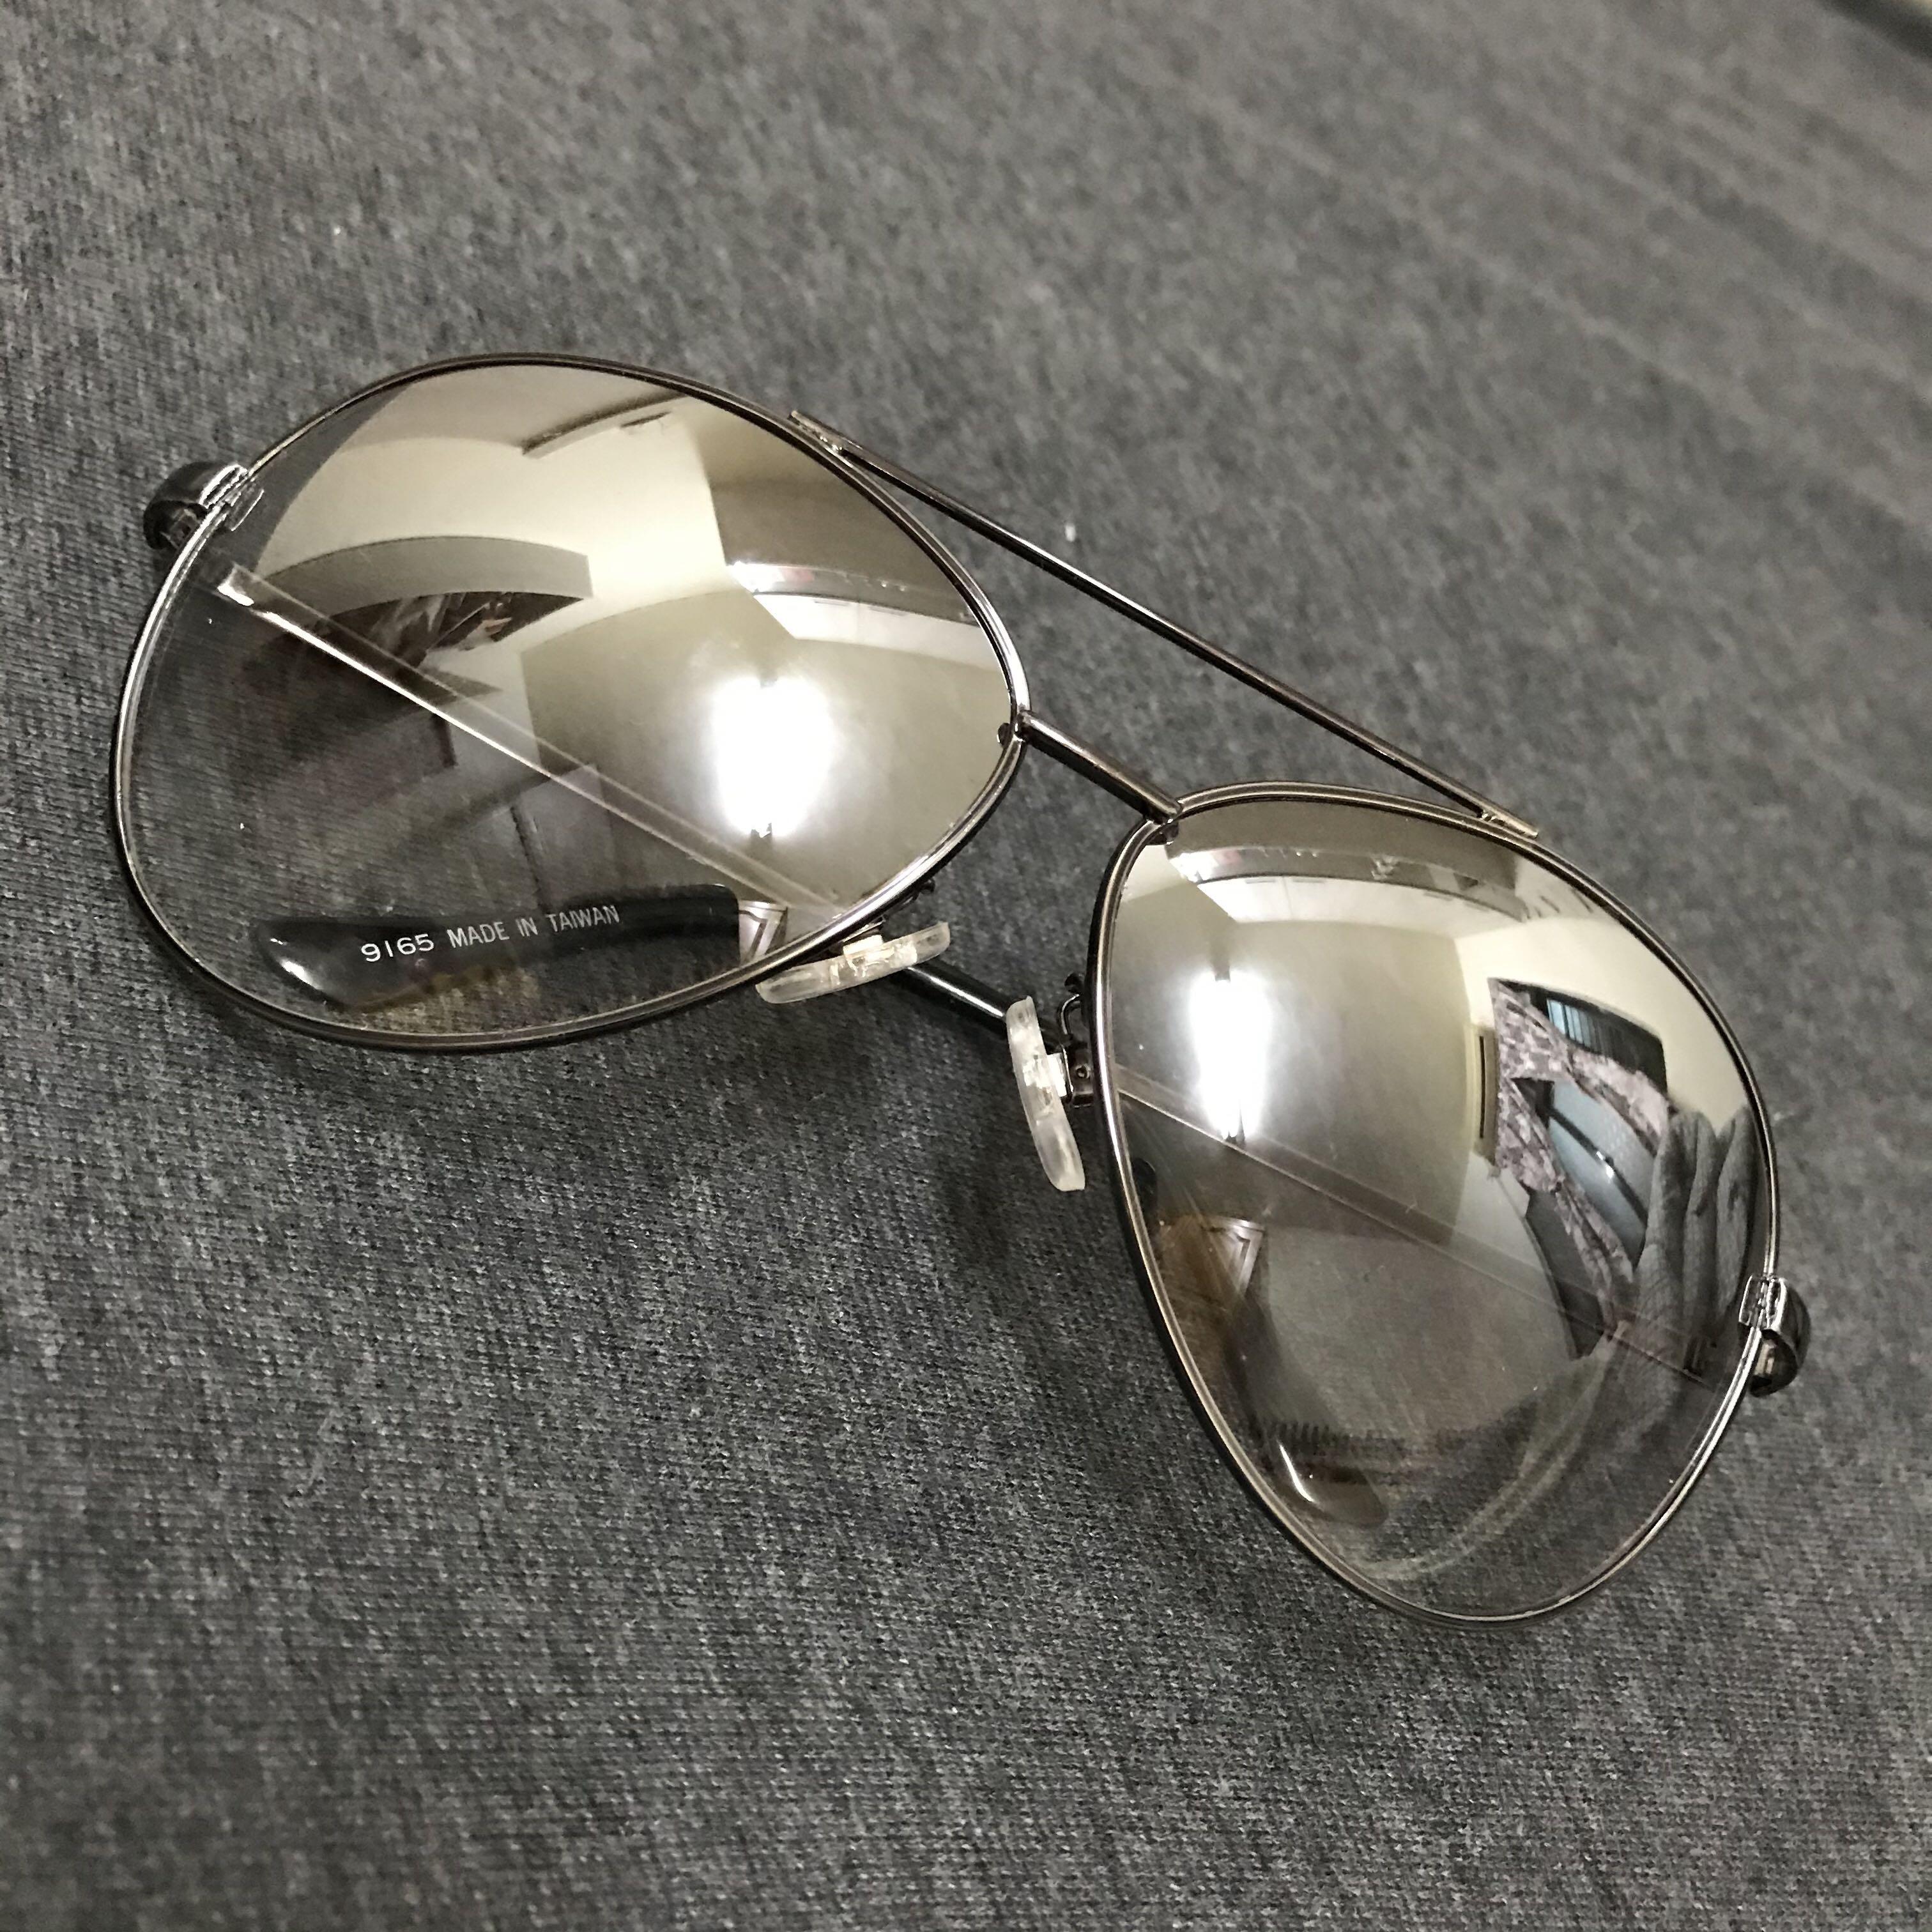 二手優質 墨鏡 鏡面銀灰色 框架鐵灰色 男女皆可戴 九成新